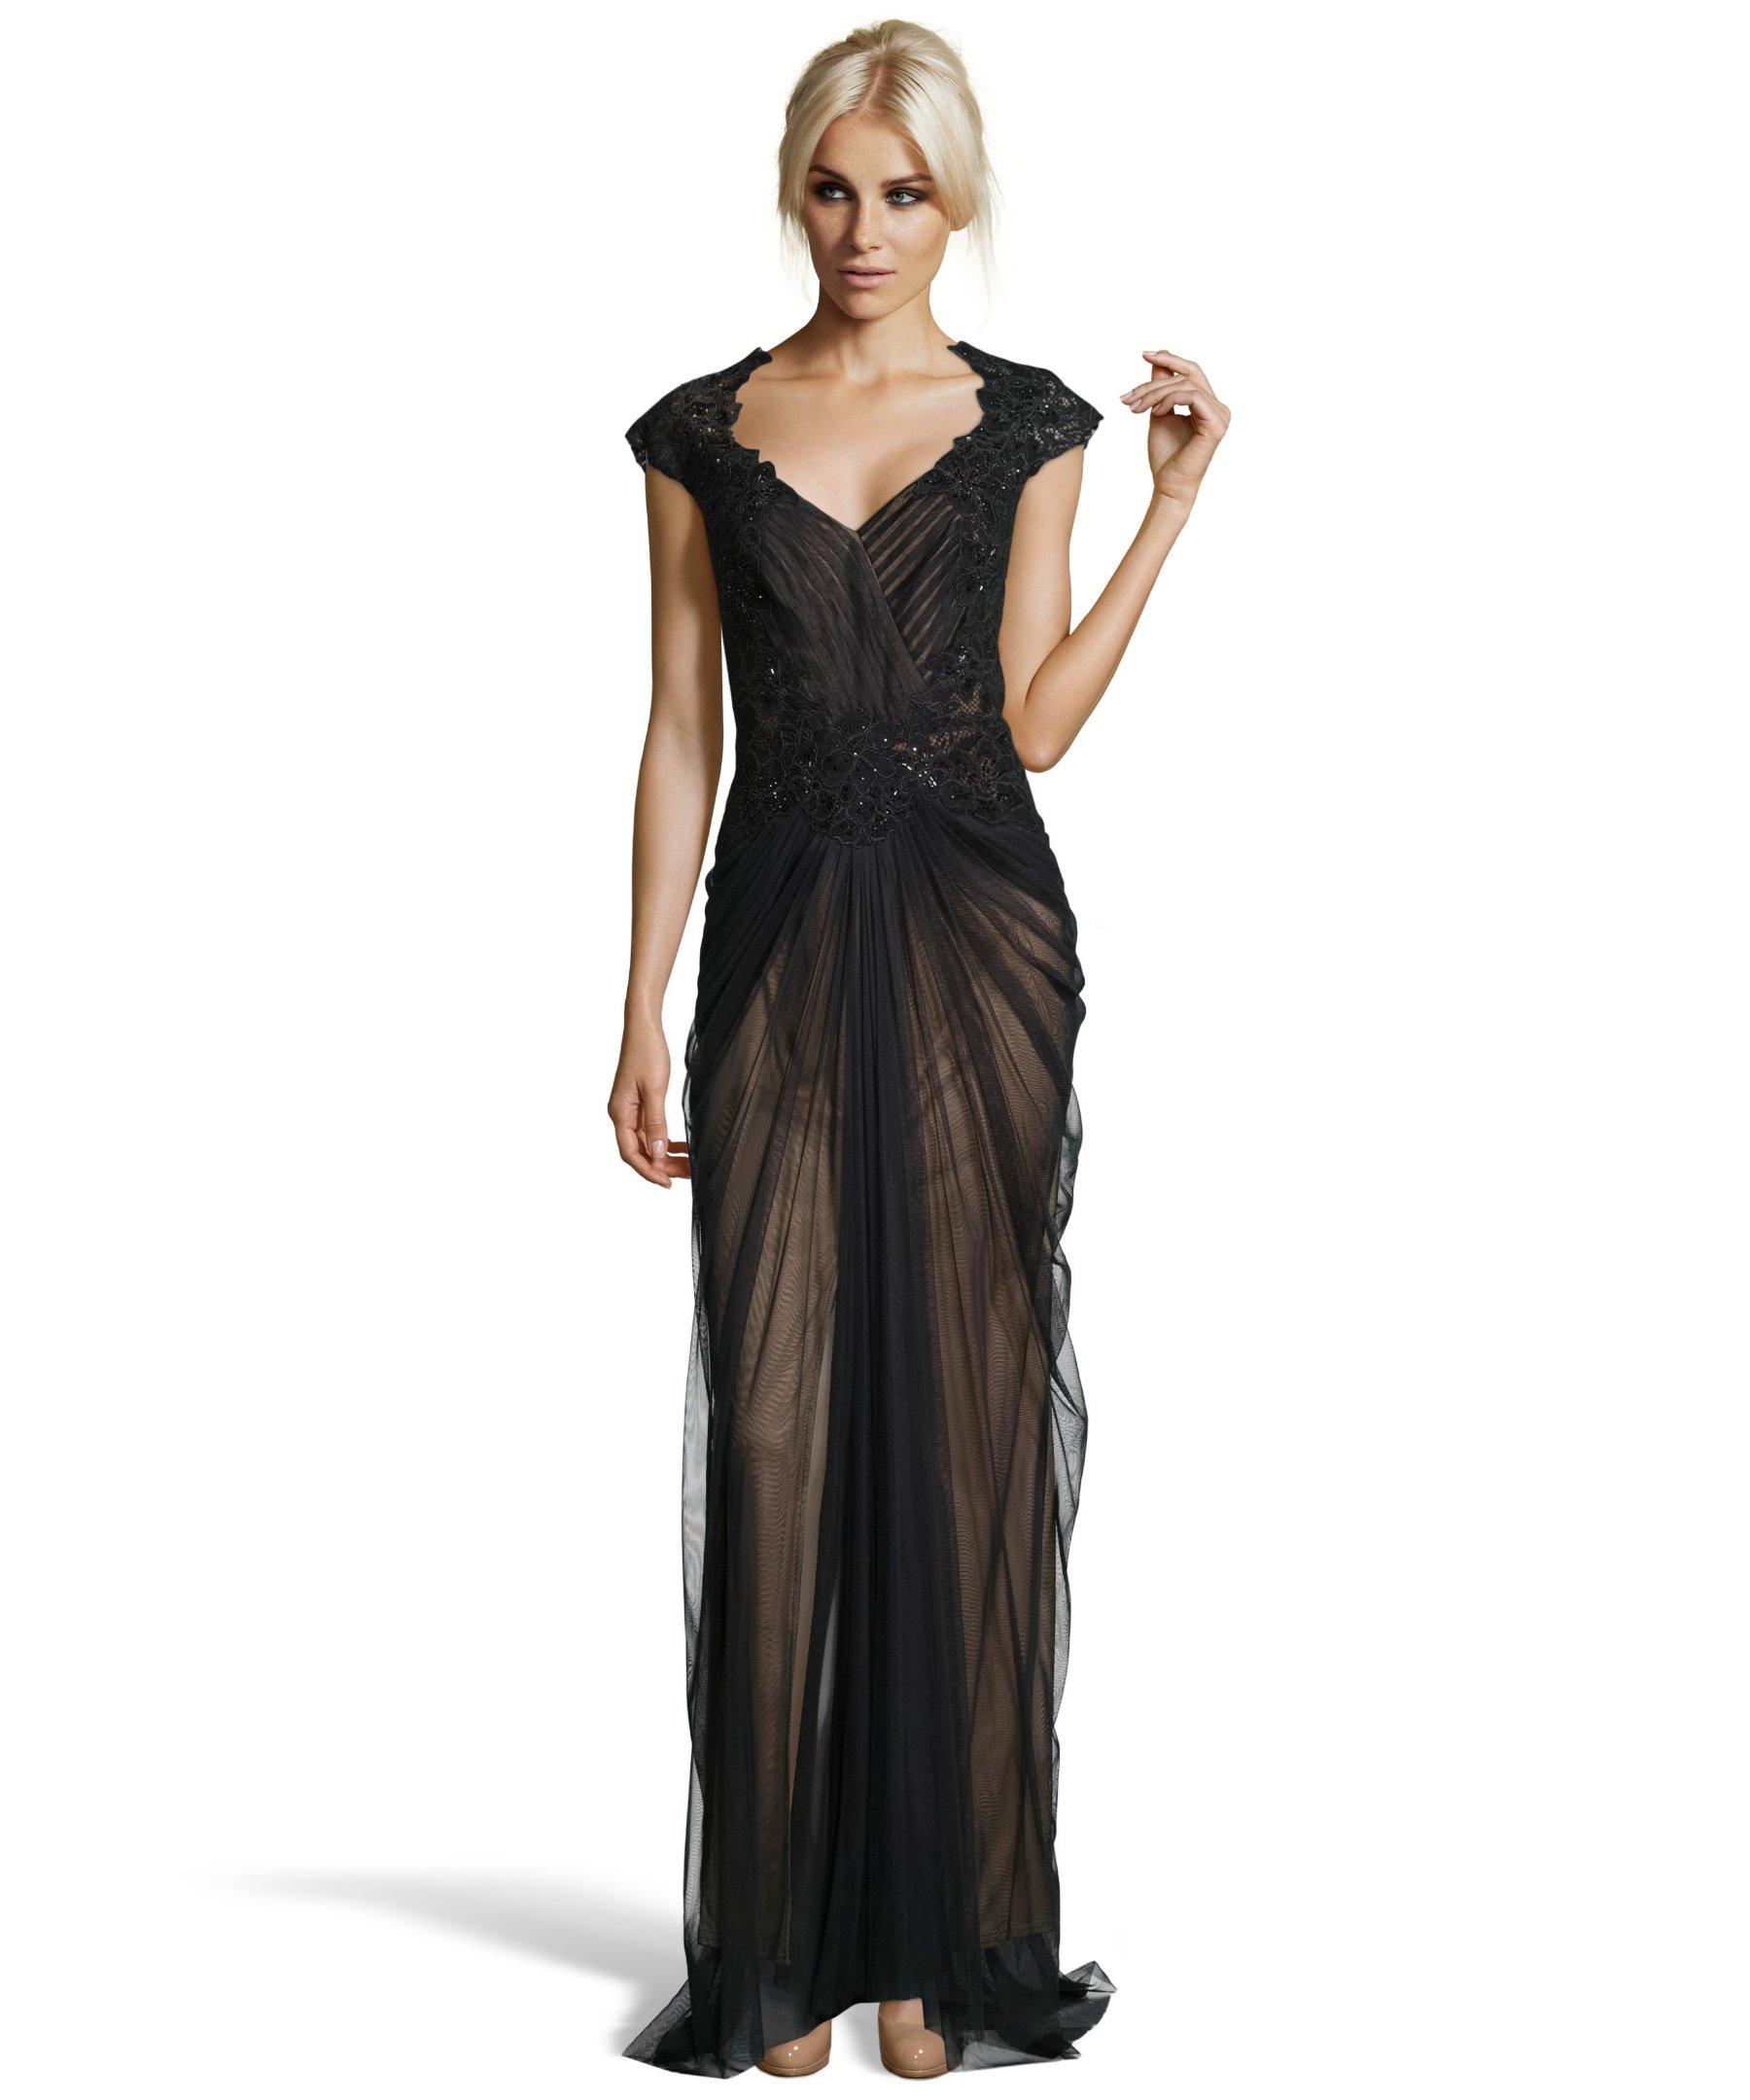 c5c54fad26 10 hermosos vestidos para tu graduación (y dónde comprarlos ...